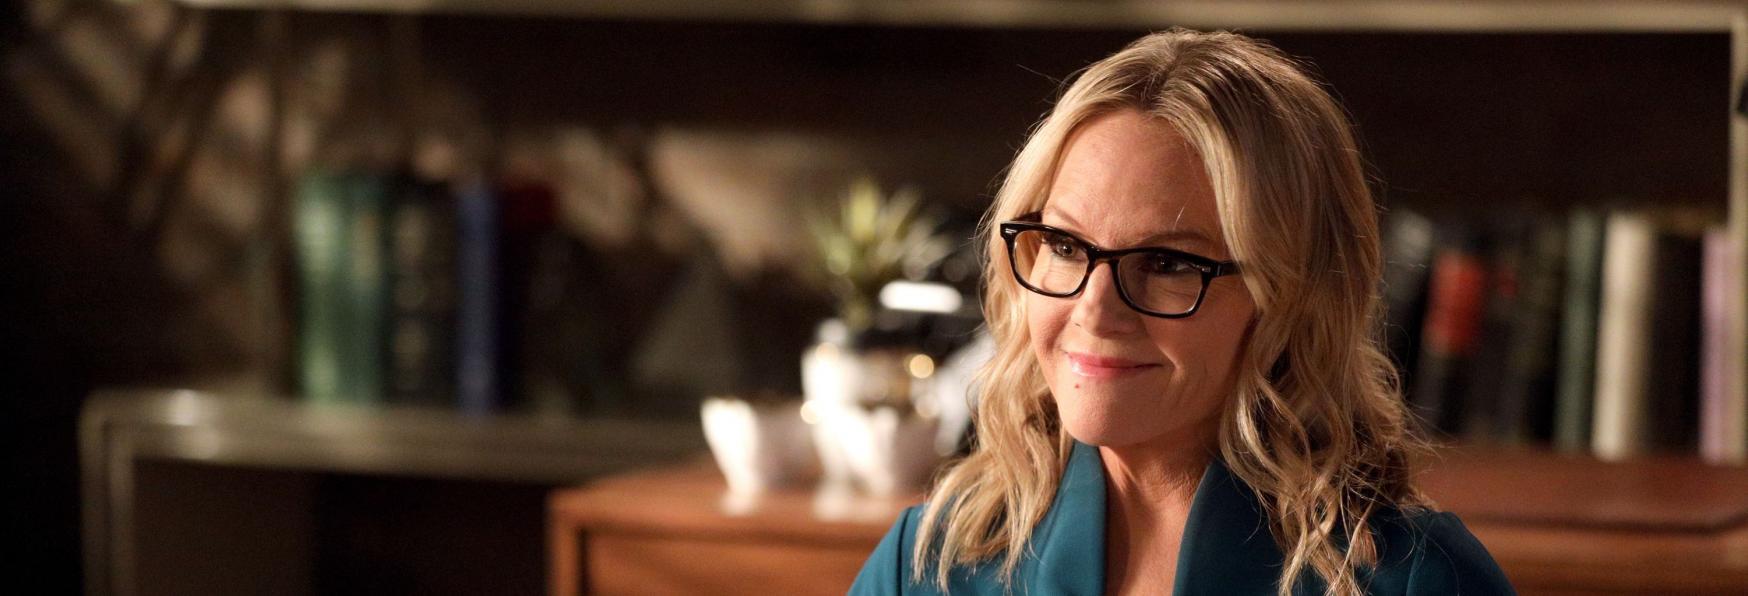 Lucifer 6: la star della Serie TV Rachel Harris ringrazia la Crew e pubblica nuove Foto dal Set